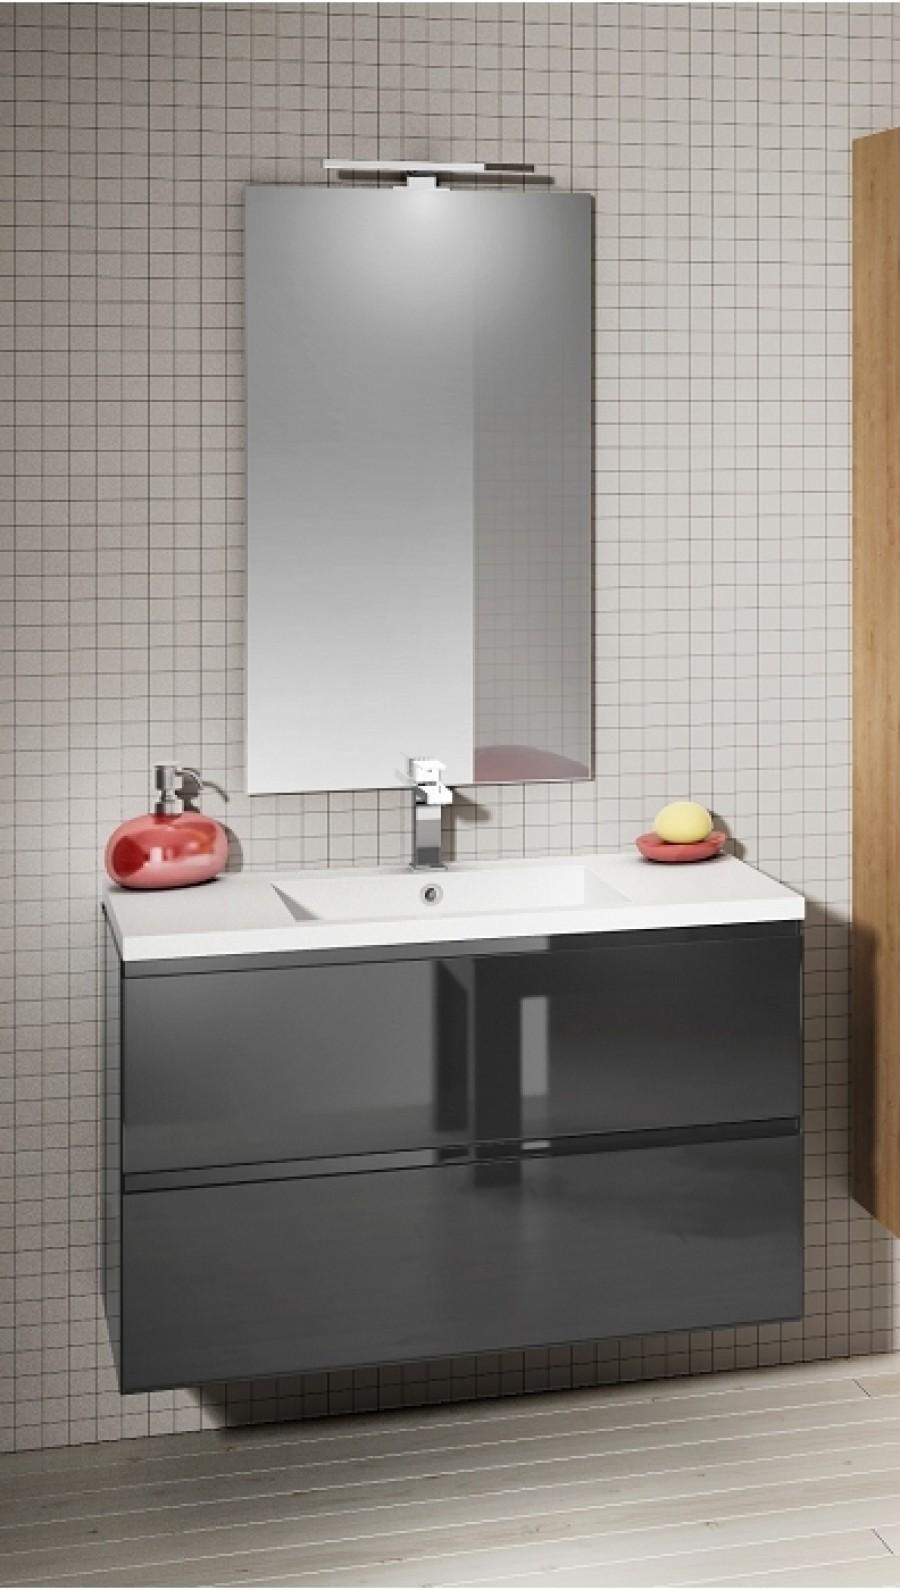 meuble simple vasque 70 cm loft borale gris - Meuble Vasque 70 Cm